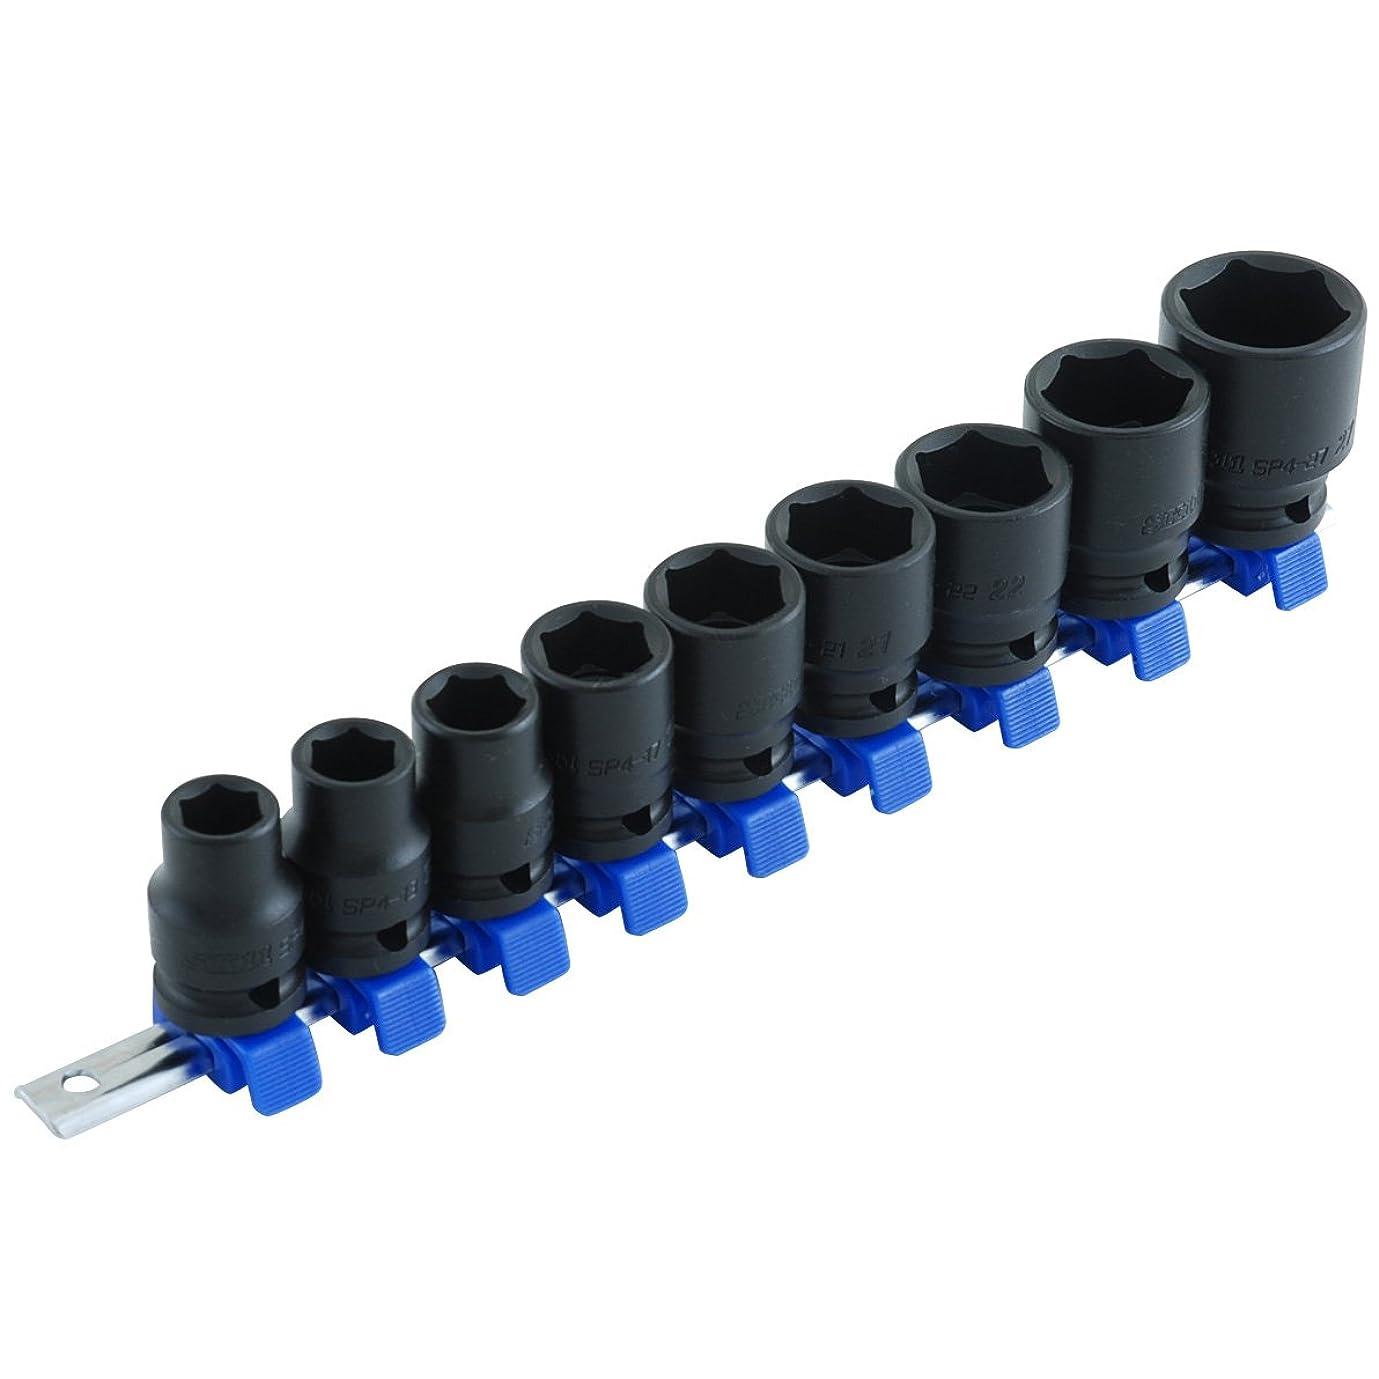 する節約する特性SK11 インパクトソケットセット SHS409P クリップ色:青 差込角:12.7mm 9点 1セット